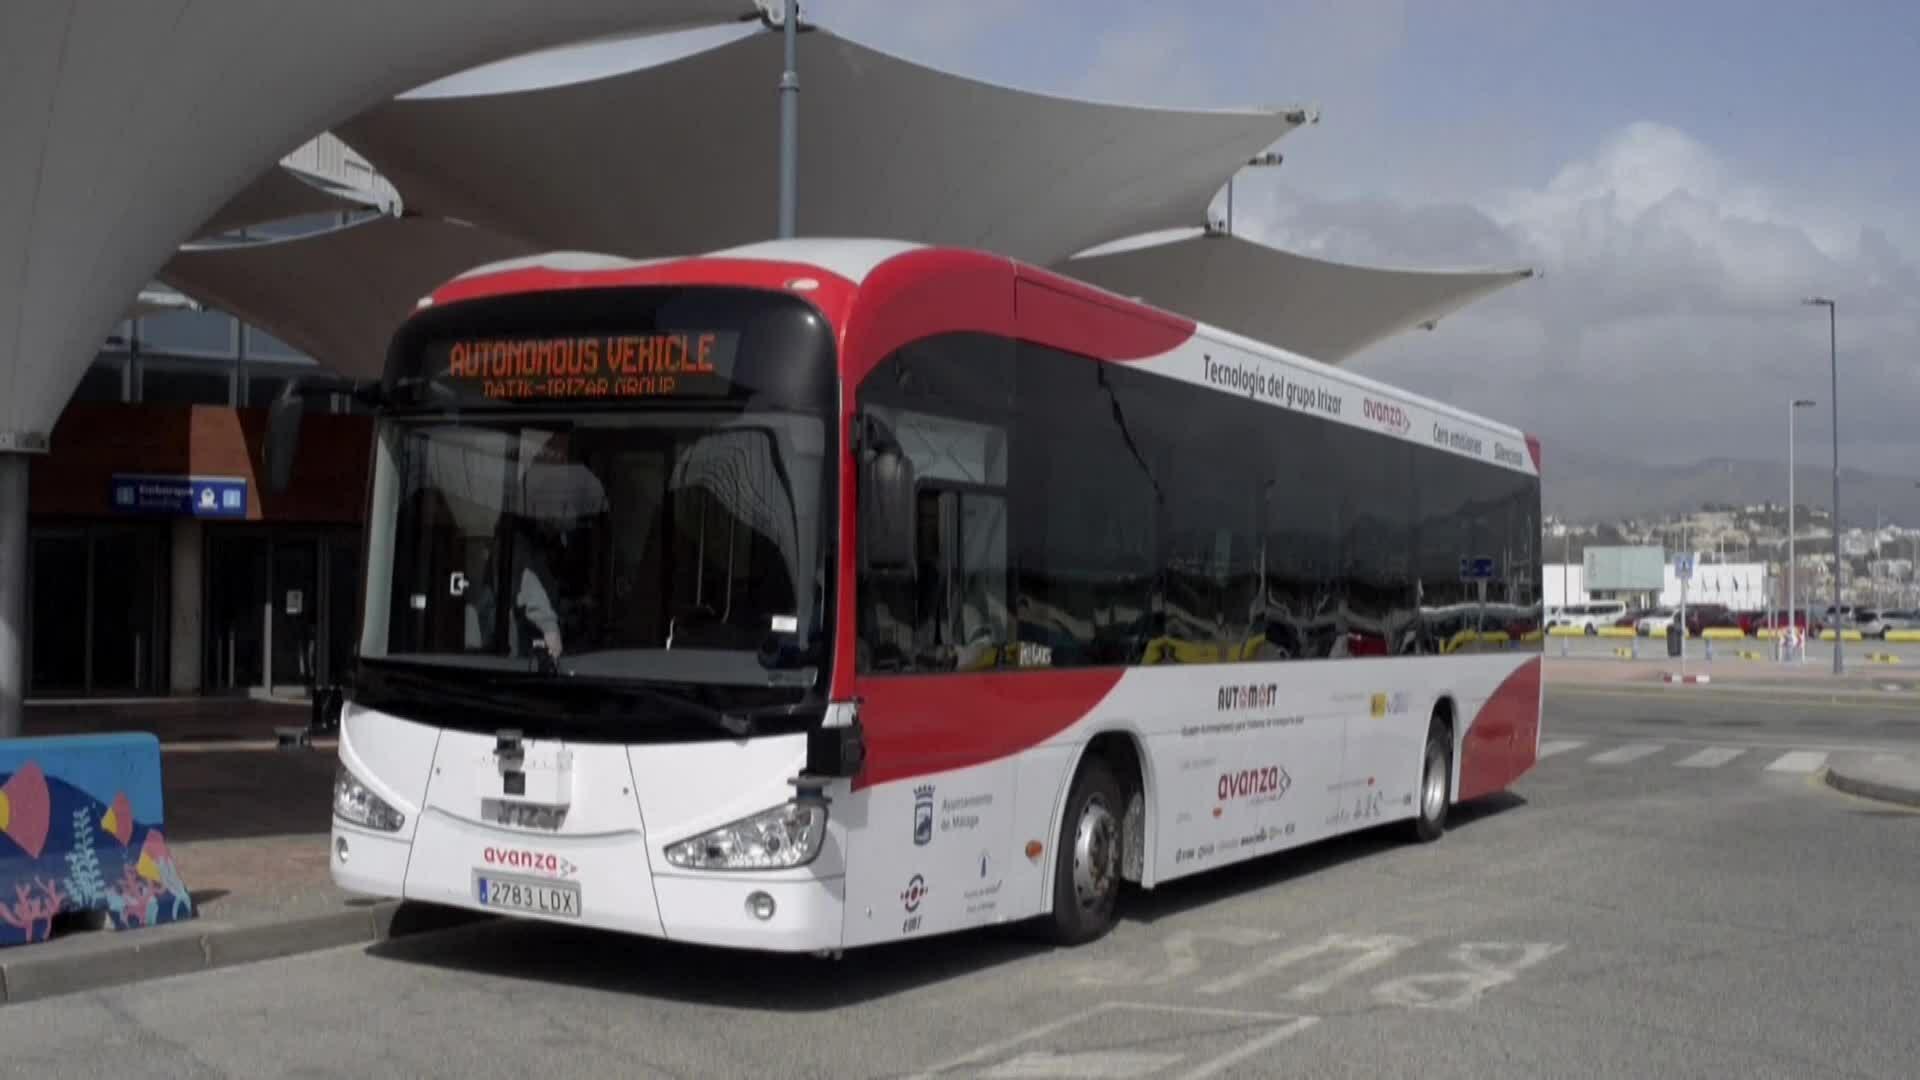 Ra mắt xe buýt điện tự lái đầu tiên ở châu Âu